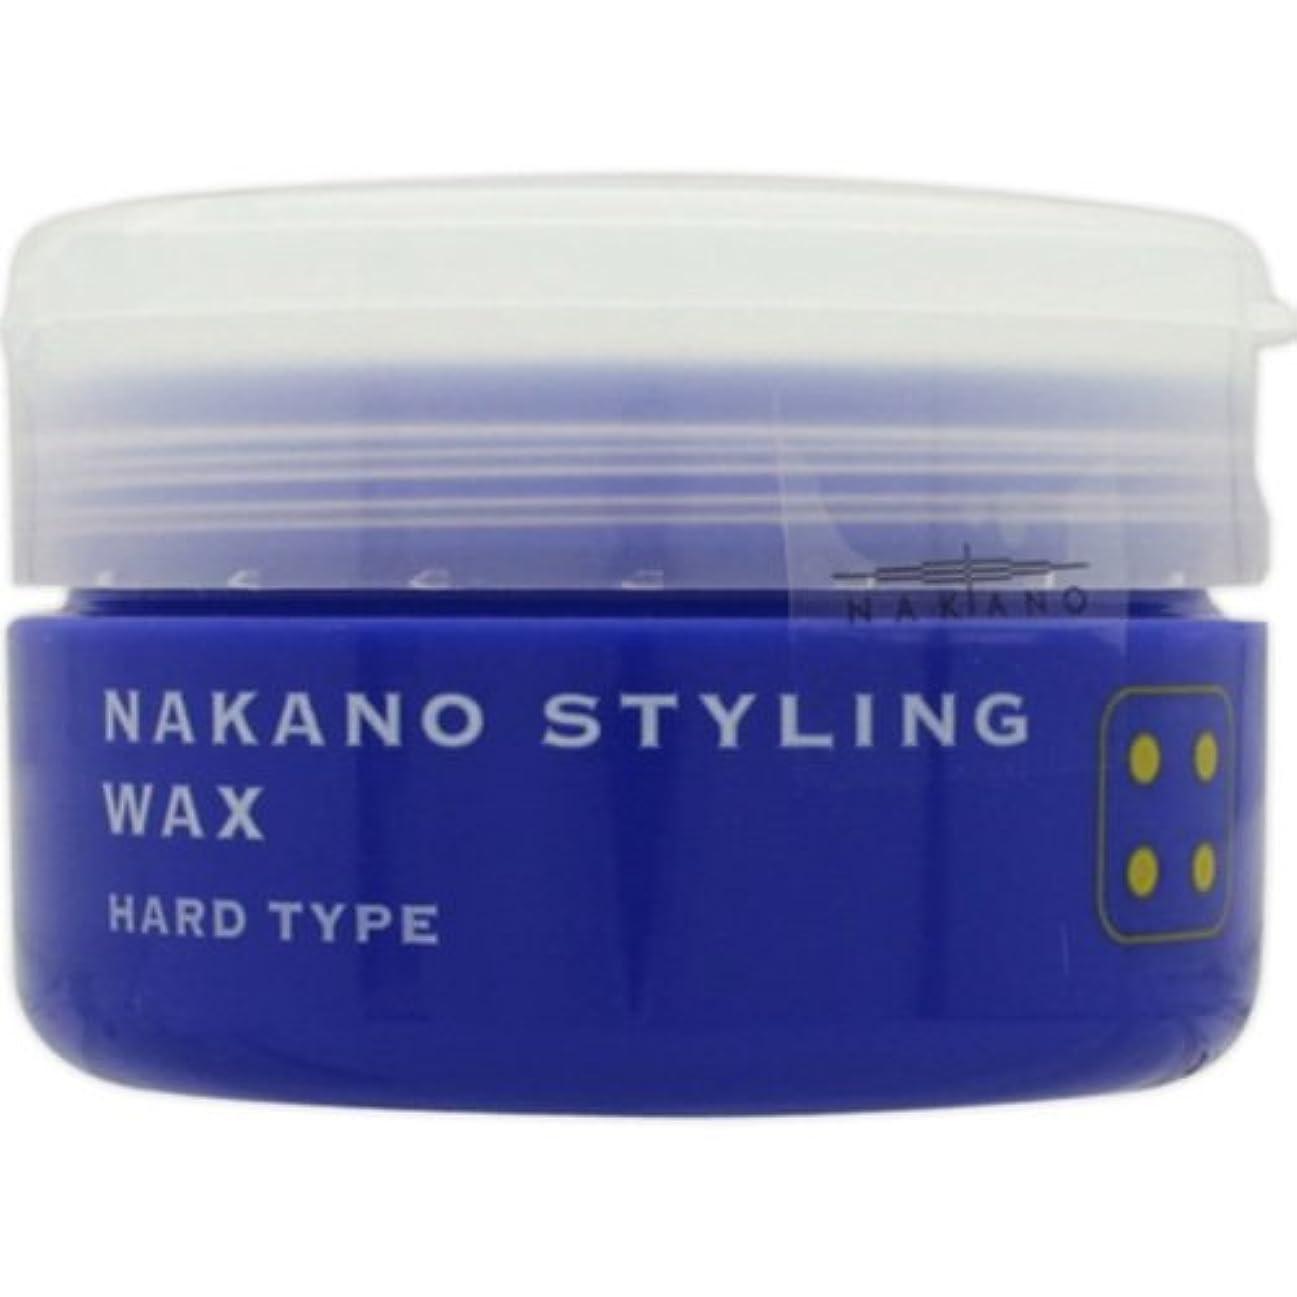 火山学当社オーストラリア人ナカノ スタイリングワックス 4 ハードタイプ 90g 中野製薬 NAKANO